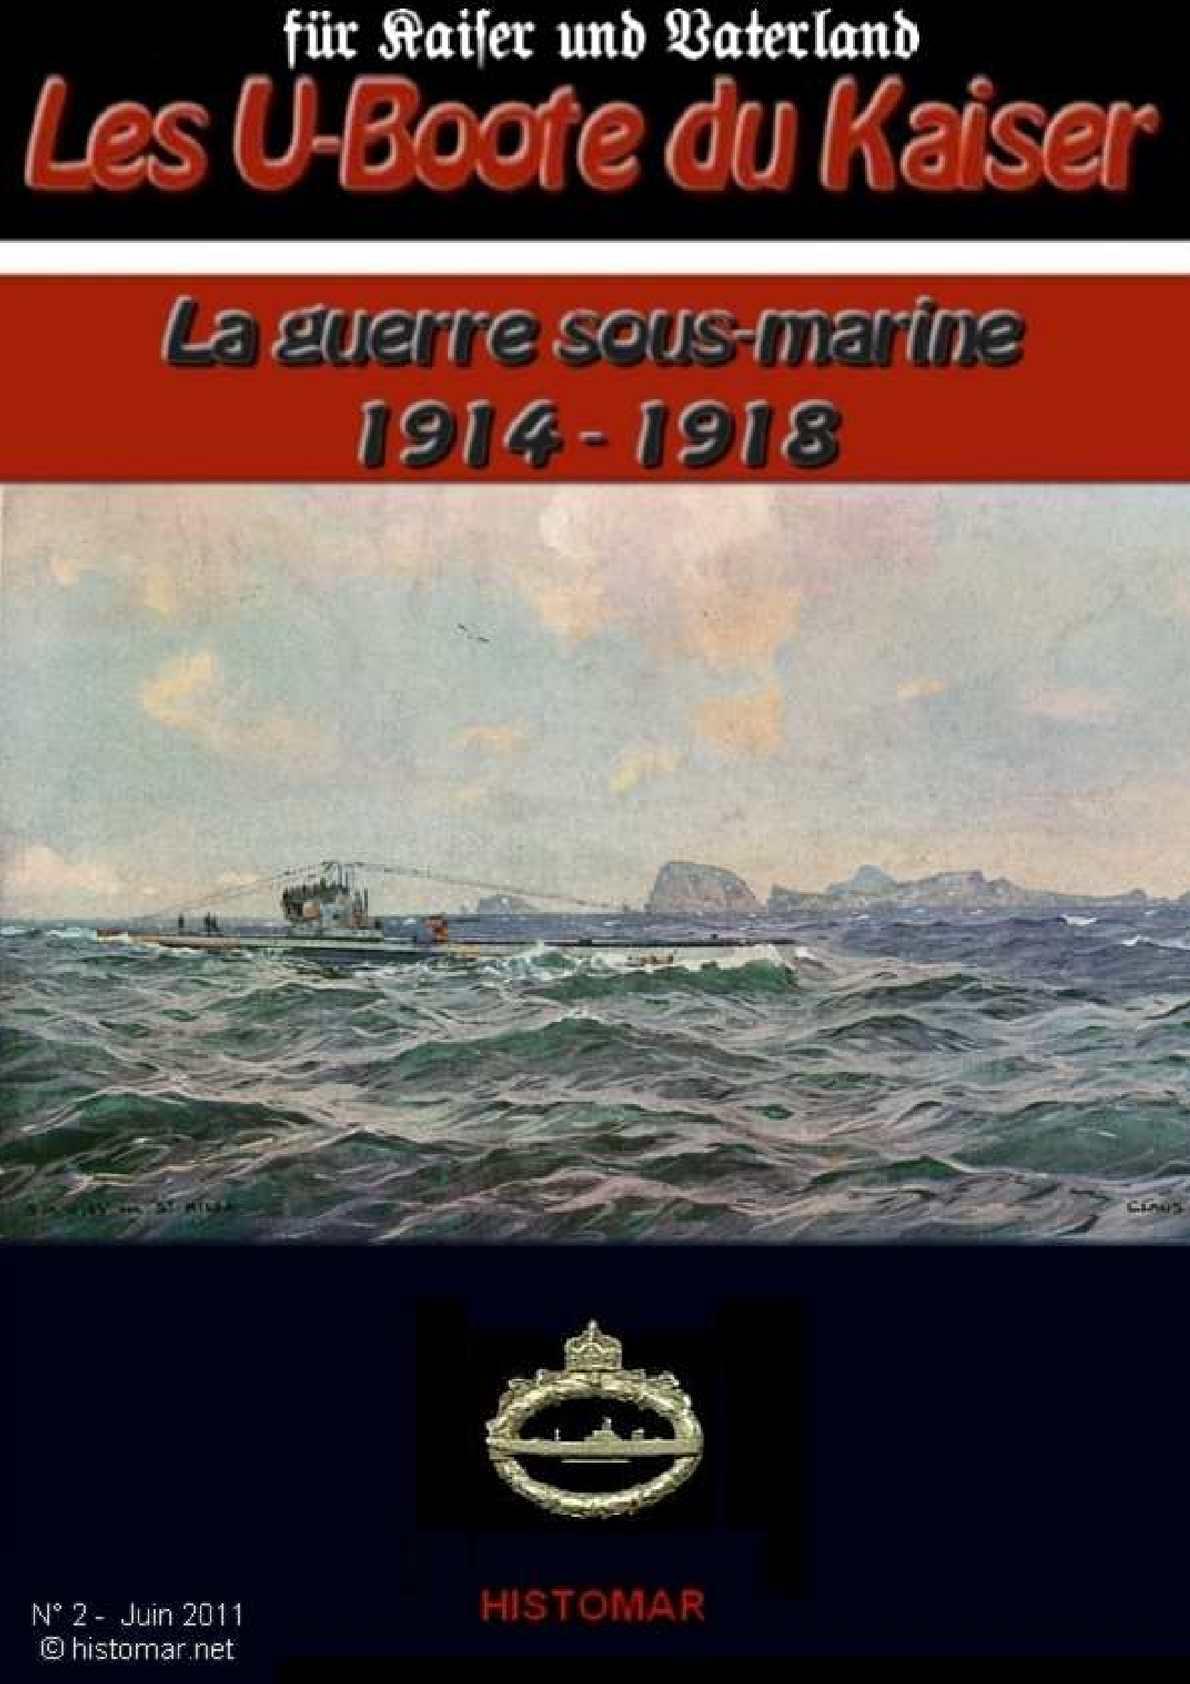 La guerre des U-Boote 1914-1918 - N°2